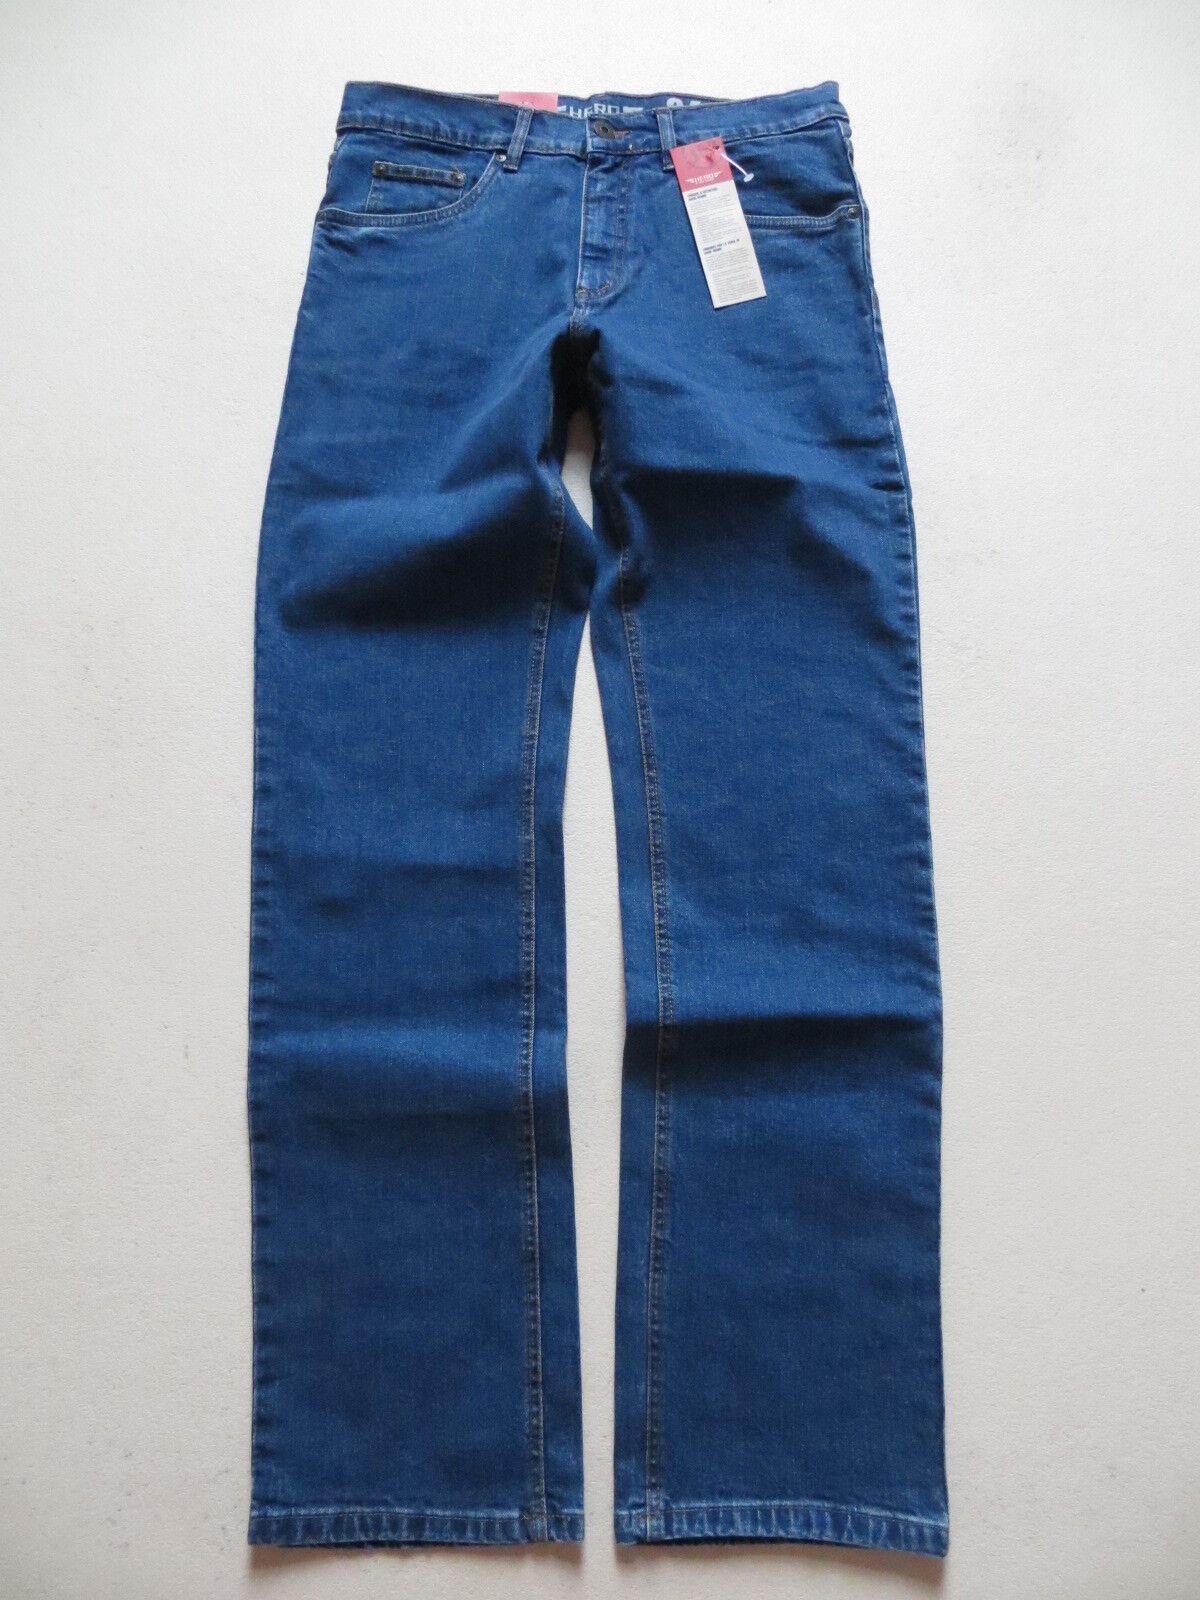 HERO Medoox DENVER Stretch- Jeans Hose W 36 36 36  L 36 NEU    Blau Stone  bequem 1bf8e2